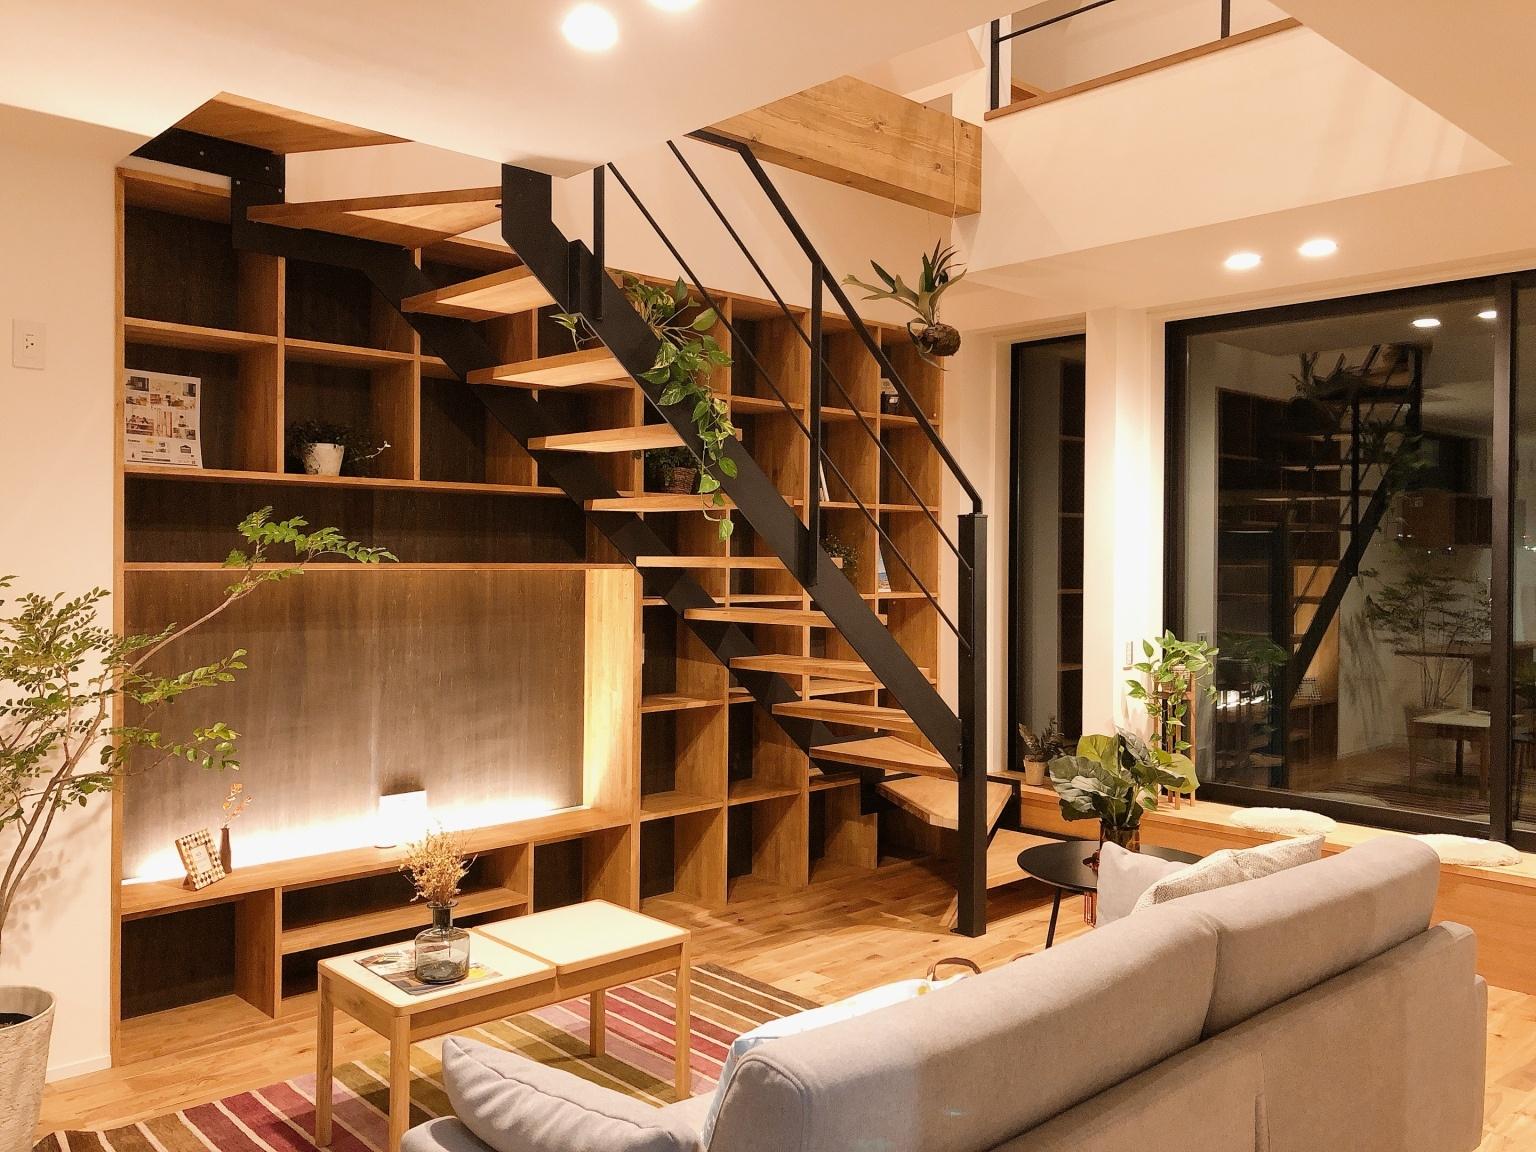 愛知県の注文住宅・リビング階段